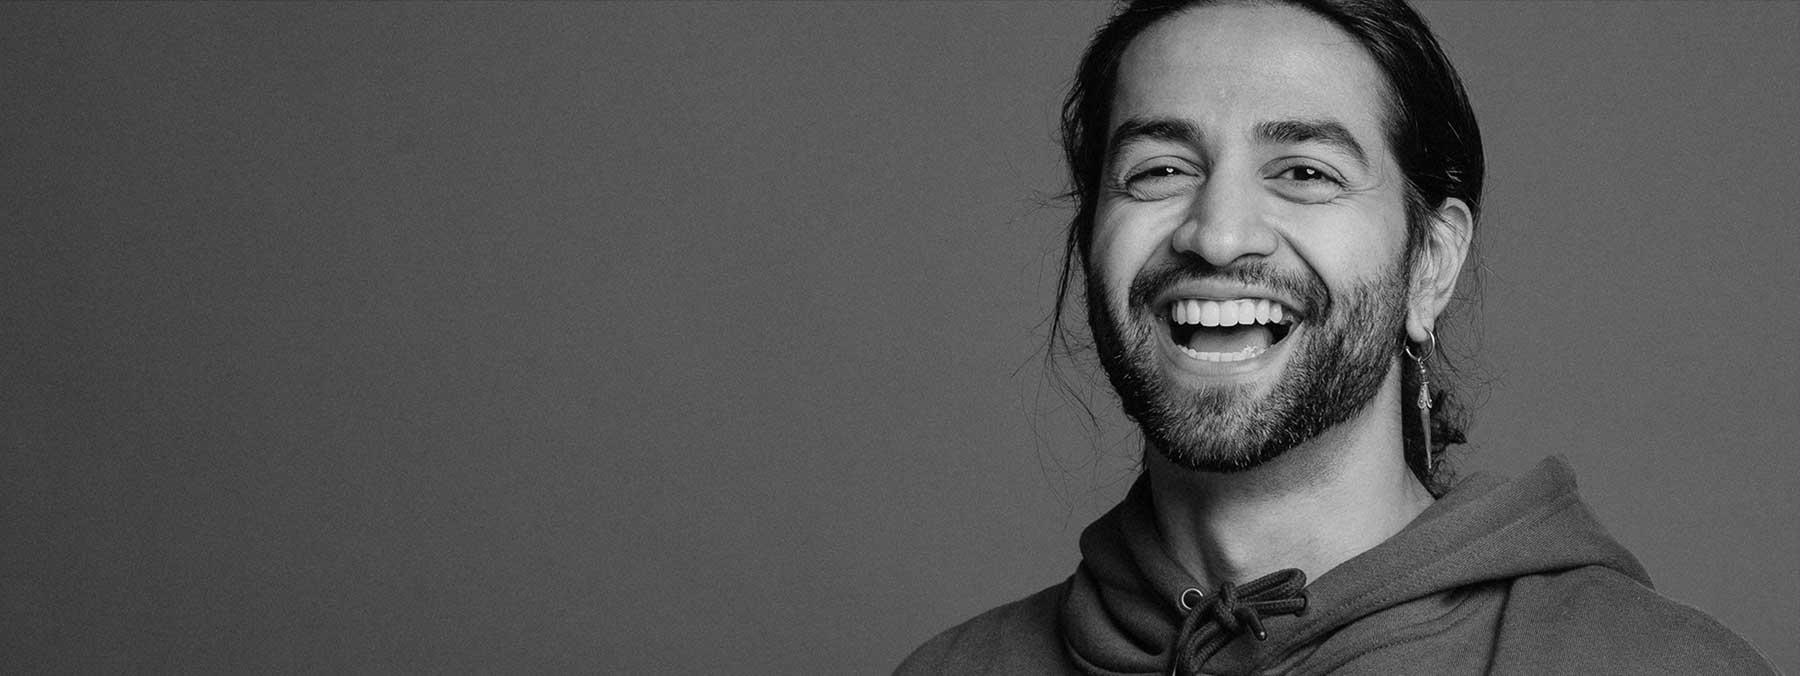 Mann mit gesunden und schönen Zähnen lacht, weil es ihm beim Zahnarzt in Frankfurt gut gefällt.